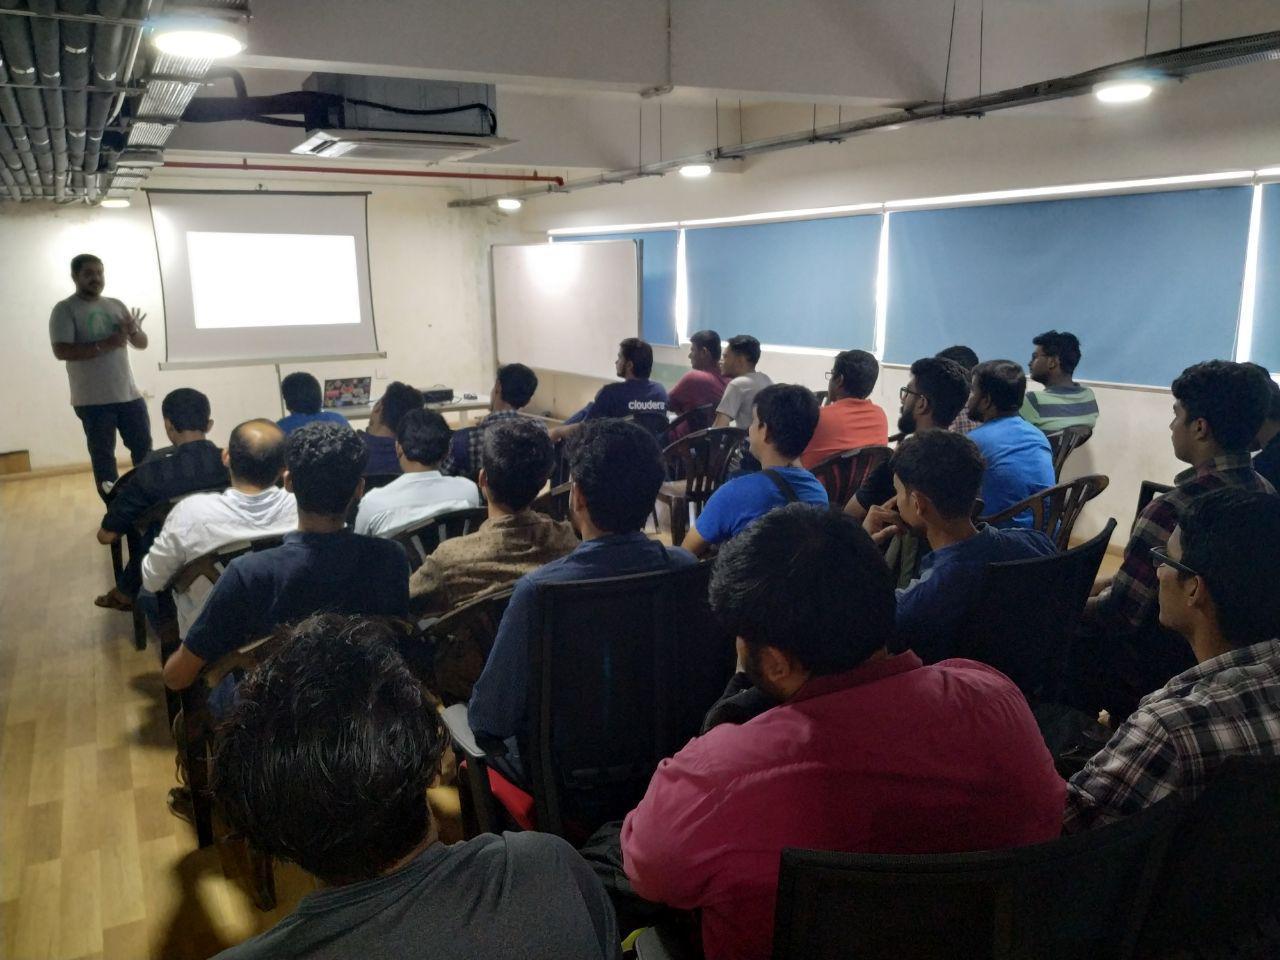 Balasankar sharing his experience.